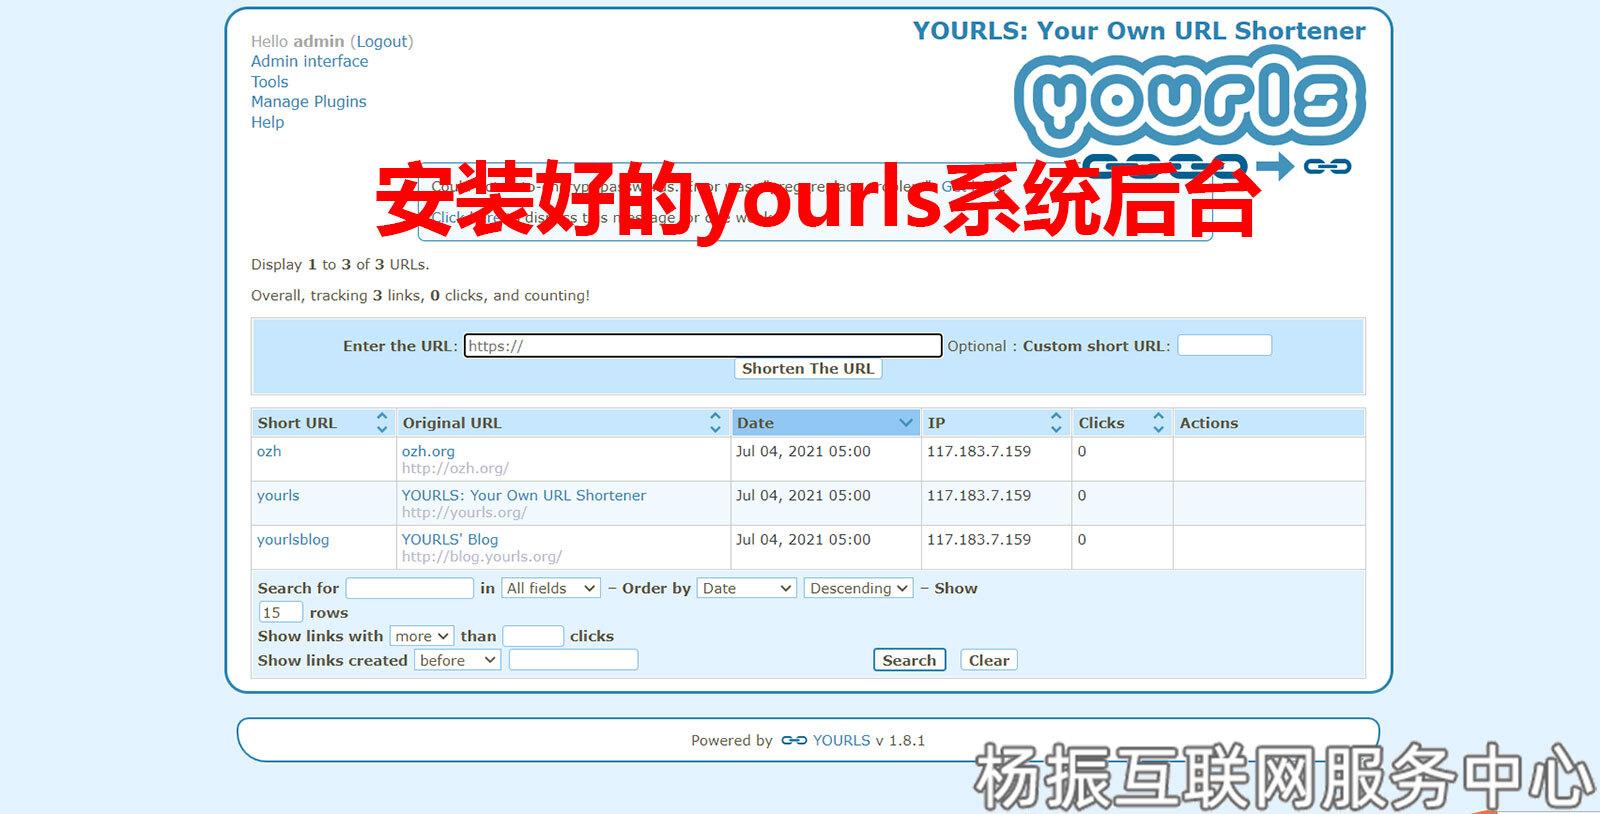 利用yourls搭建一套属于自己的短网址系统